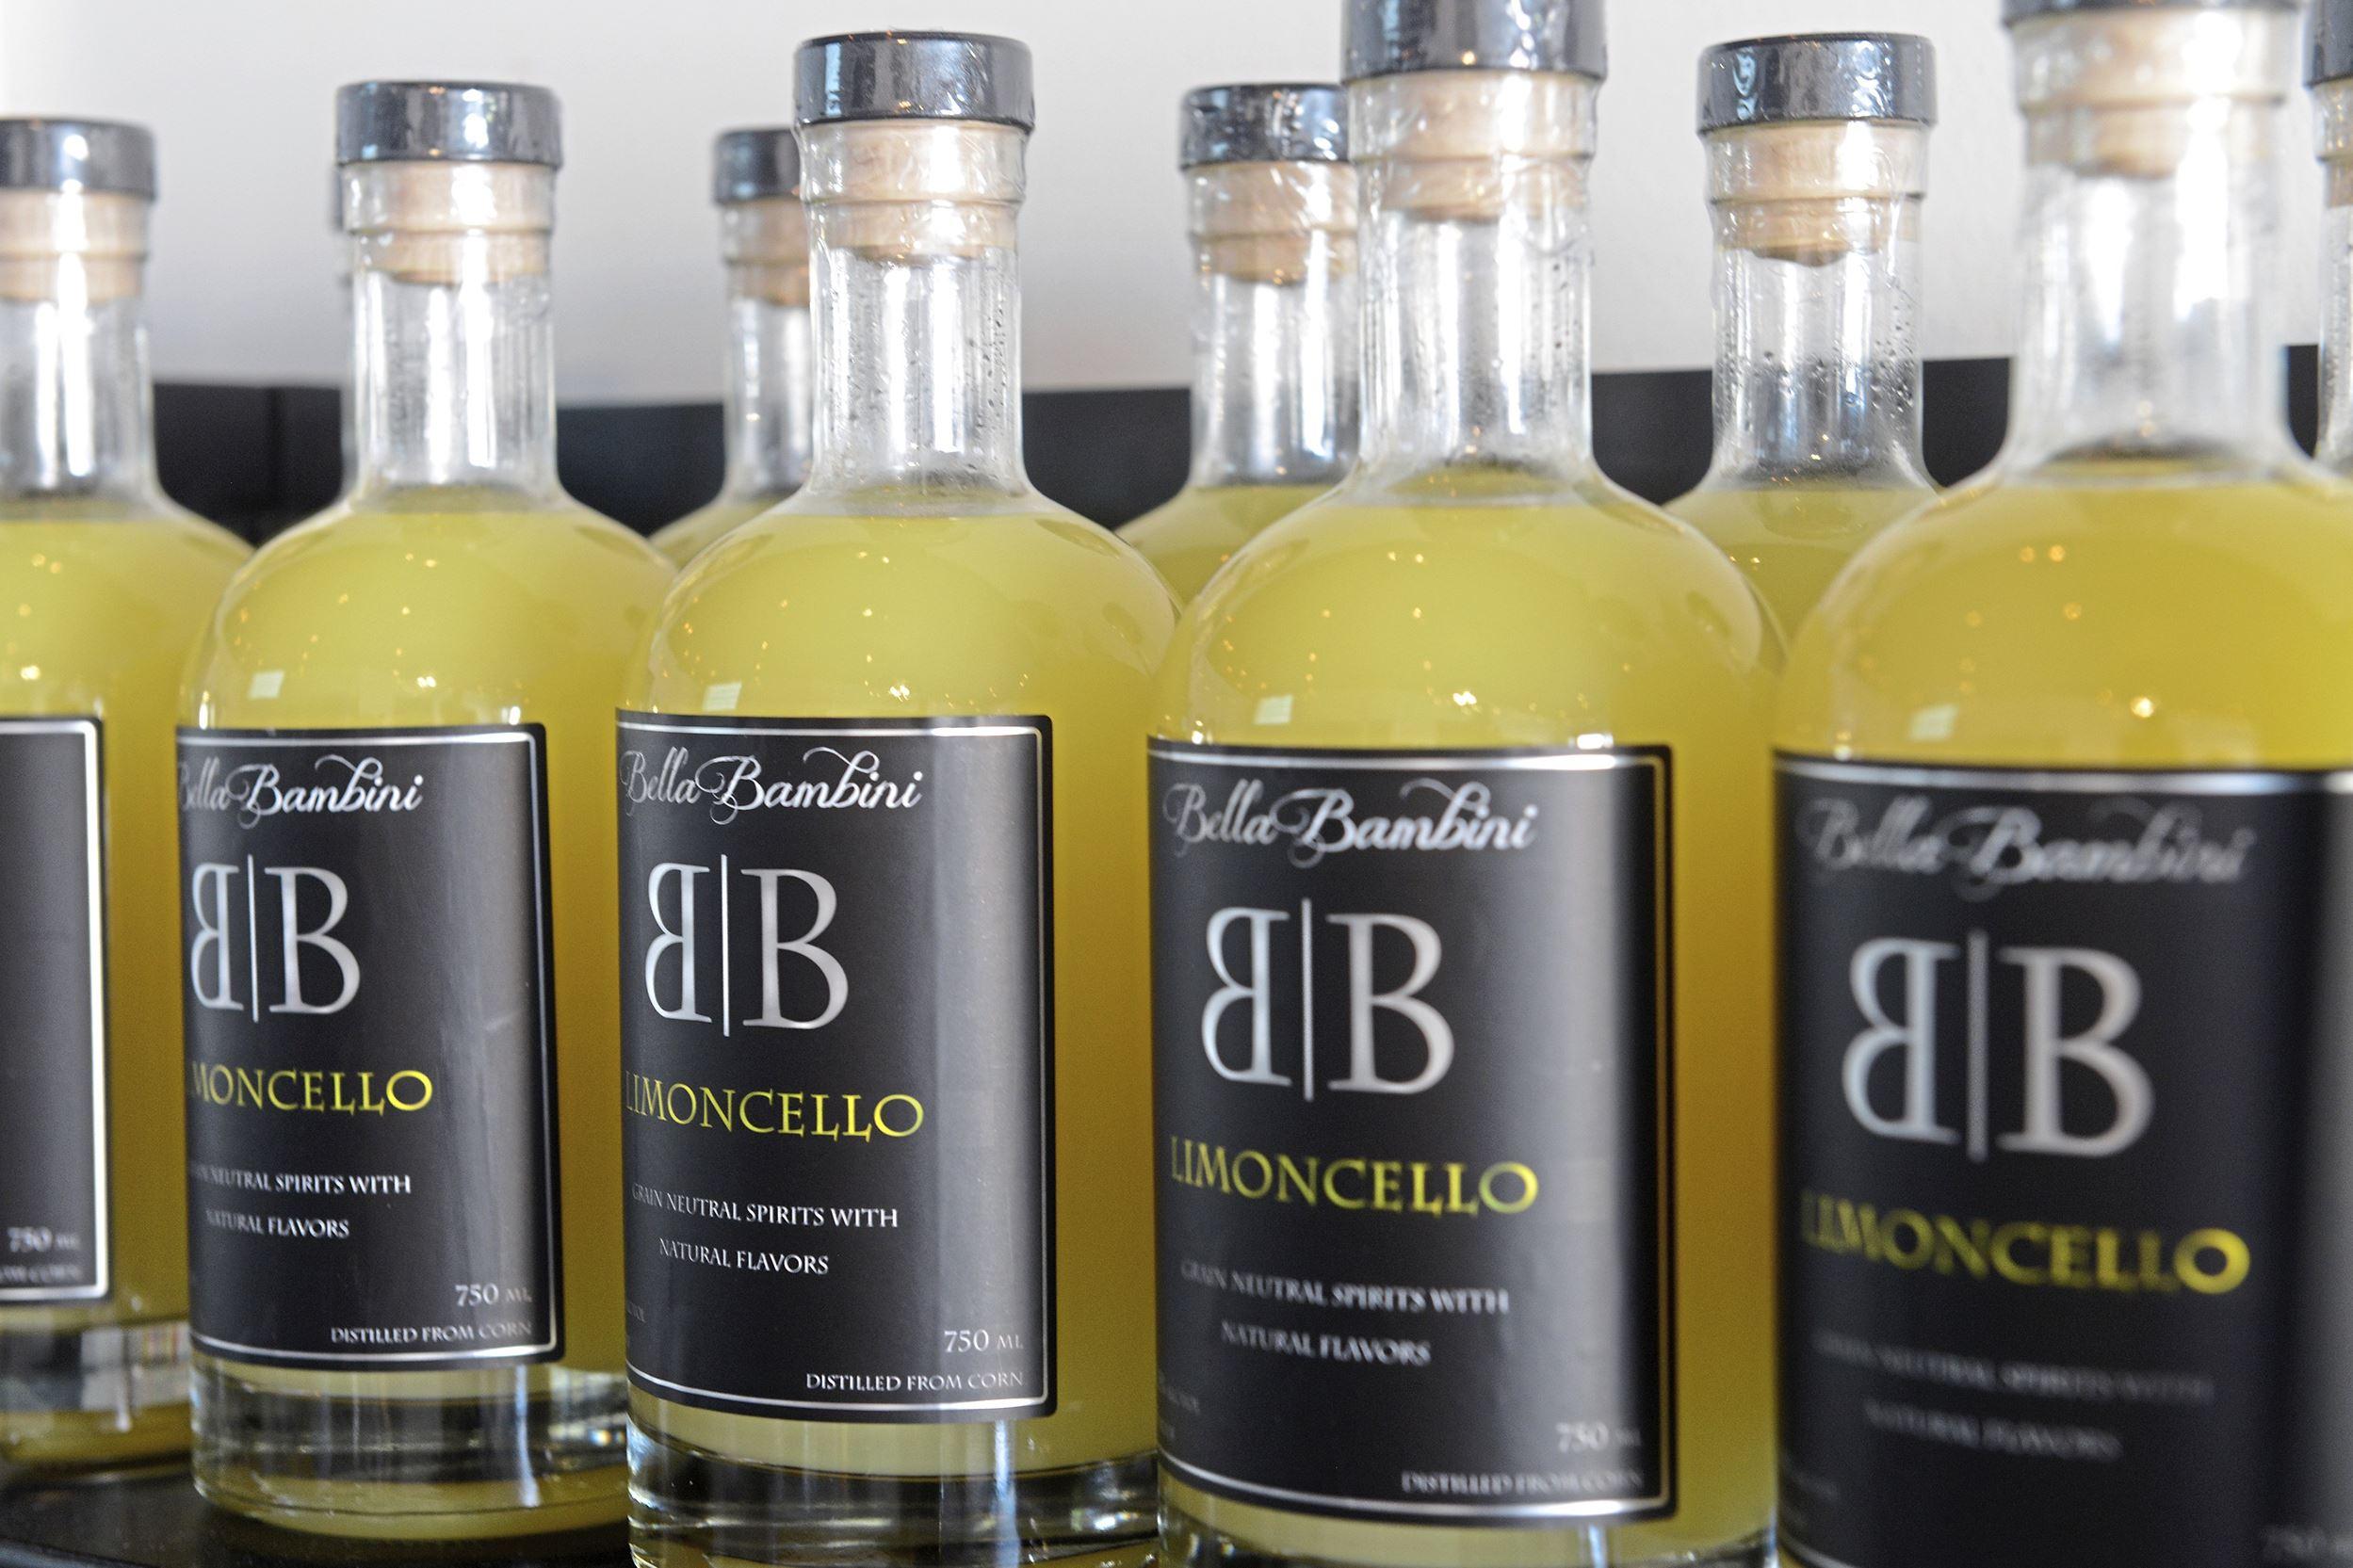 20170921rldBellaBambini05-4 Limoncello at Bella Bambini Craft Distillery in Coraopolis.